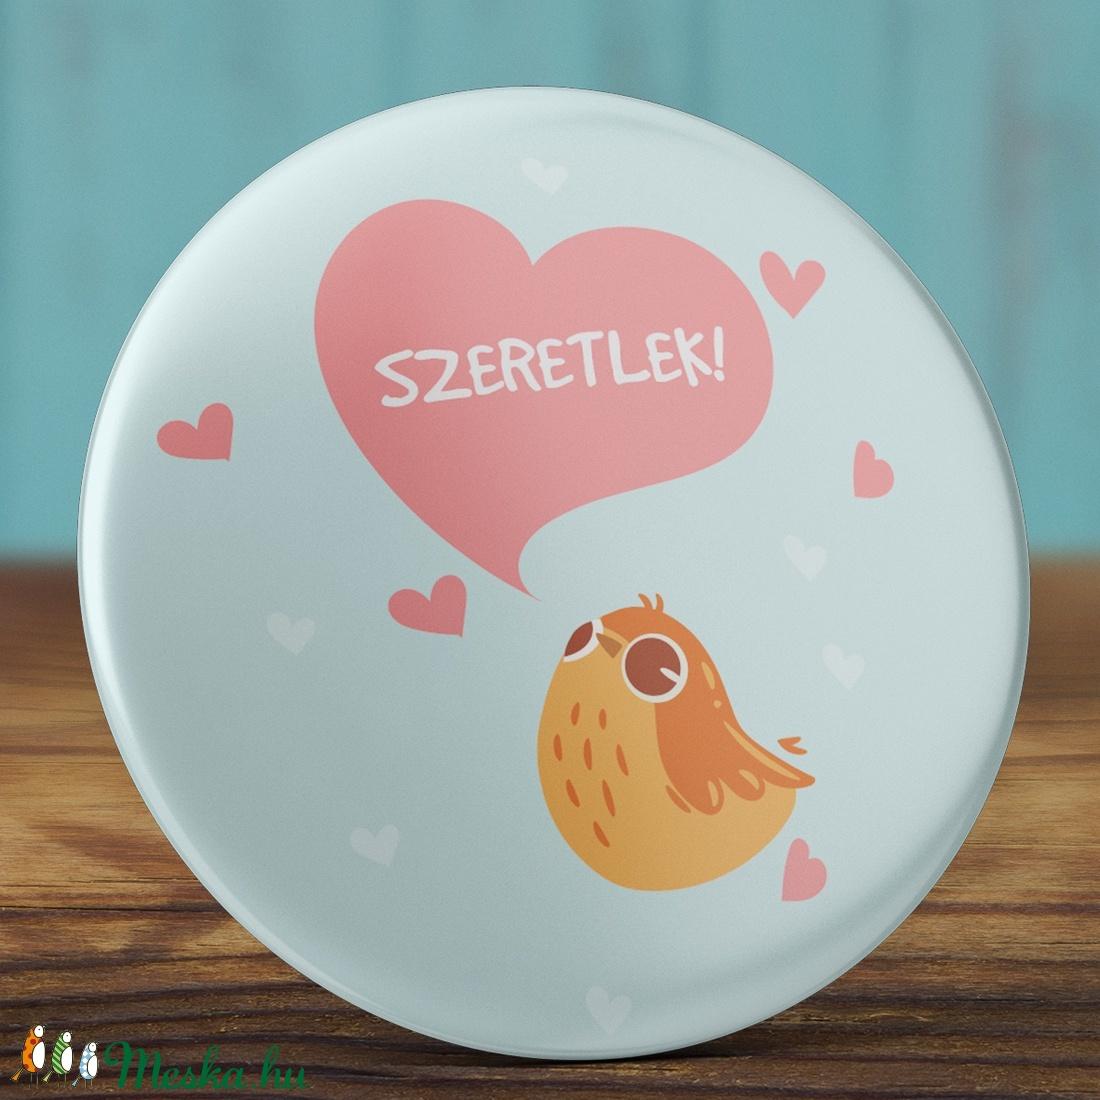 Szeretlek madár tükör - madaras zsebtükör - valentin nap - szerelmes ajándék - szeretlek tükör - kis madár - szív  (AngelPin) - Meska.hu